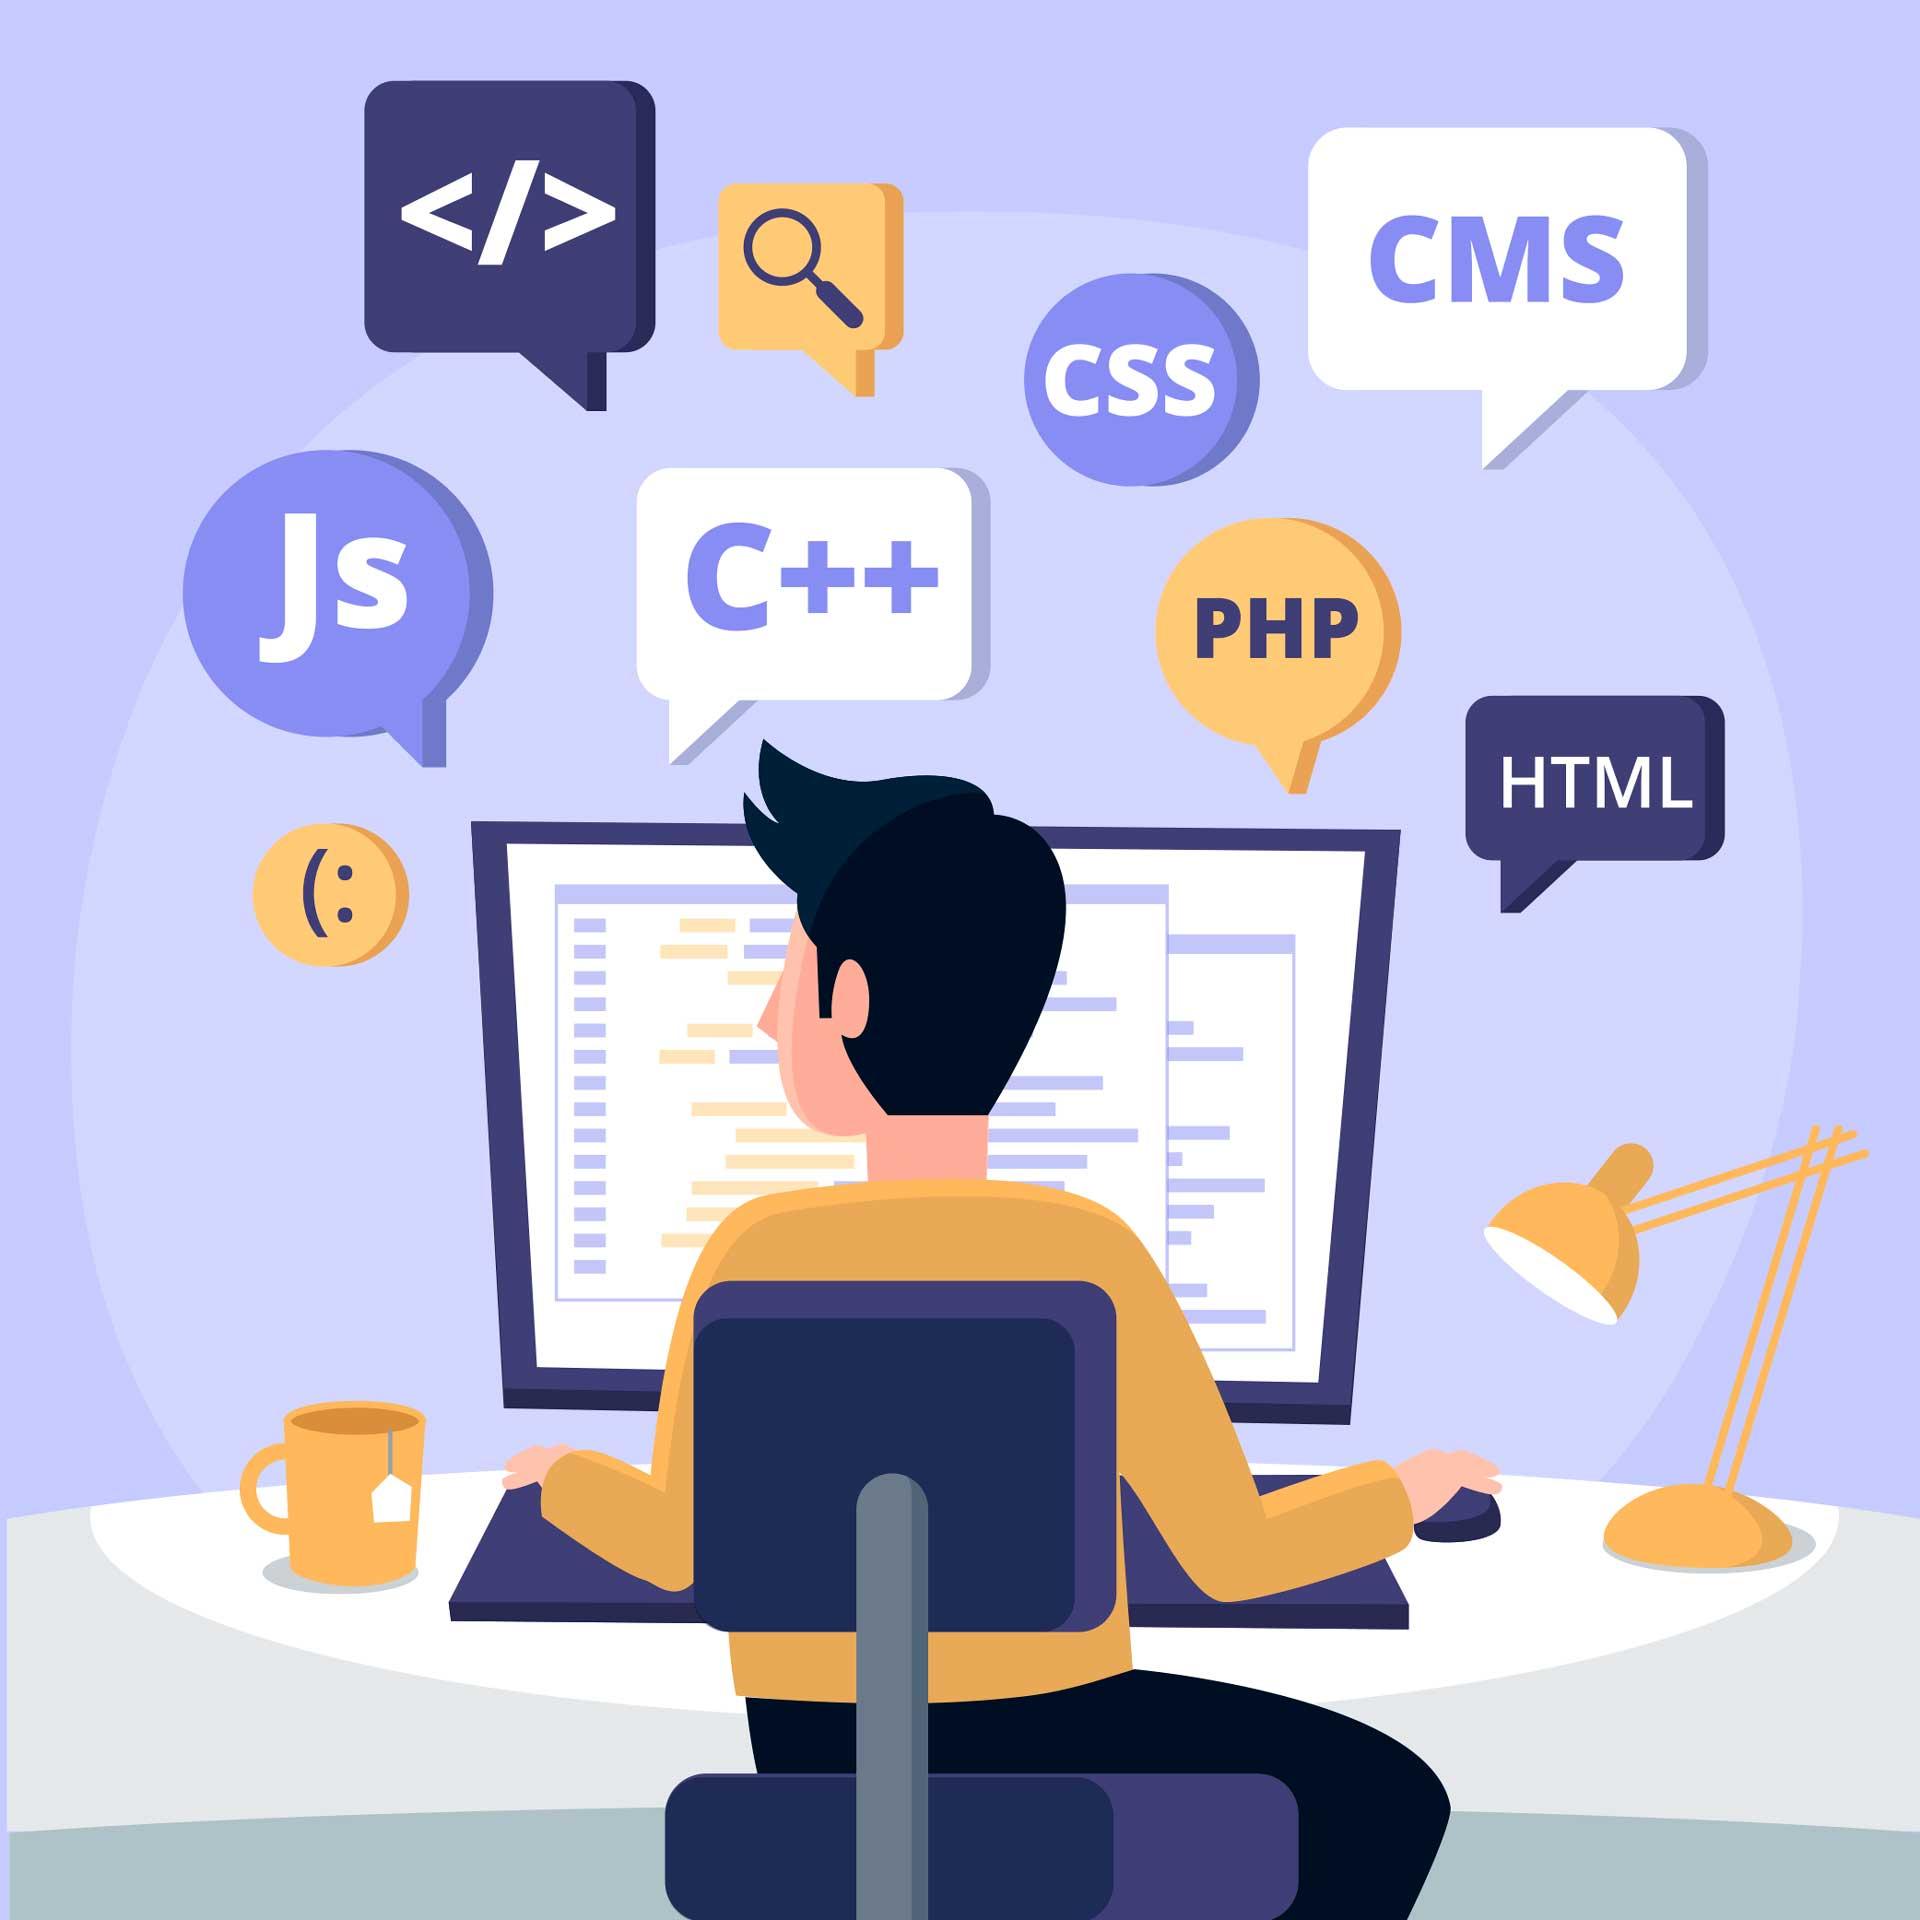 ¿Qué habilidades necesitas para ser programador o desarrollador?